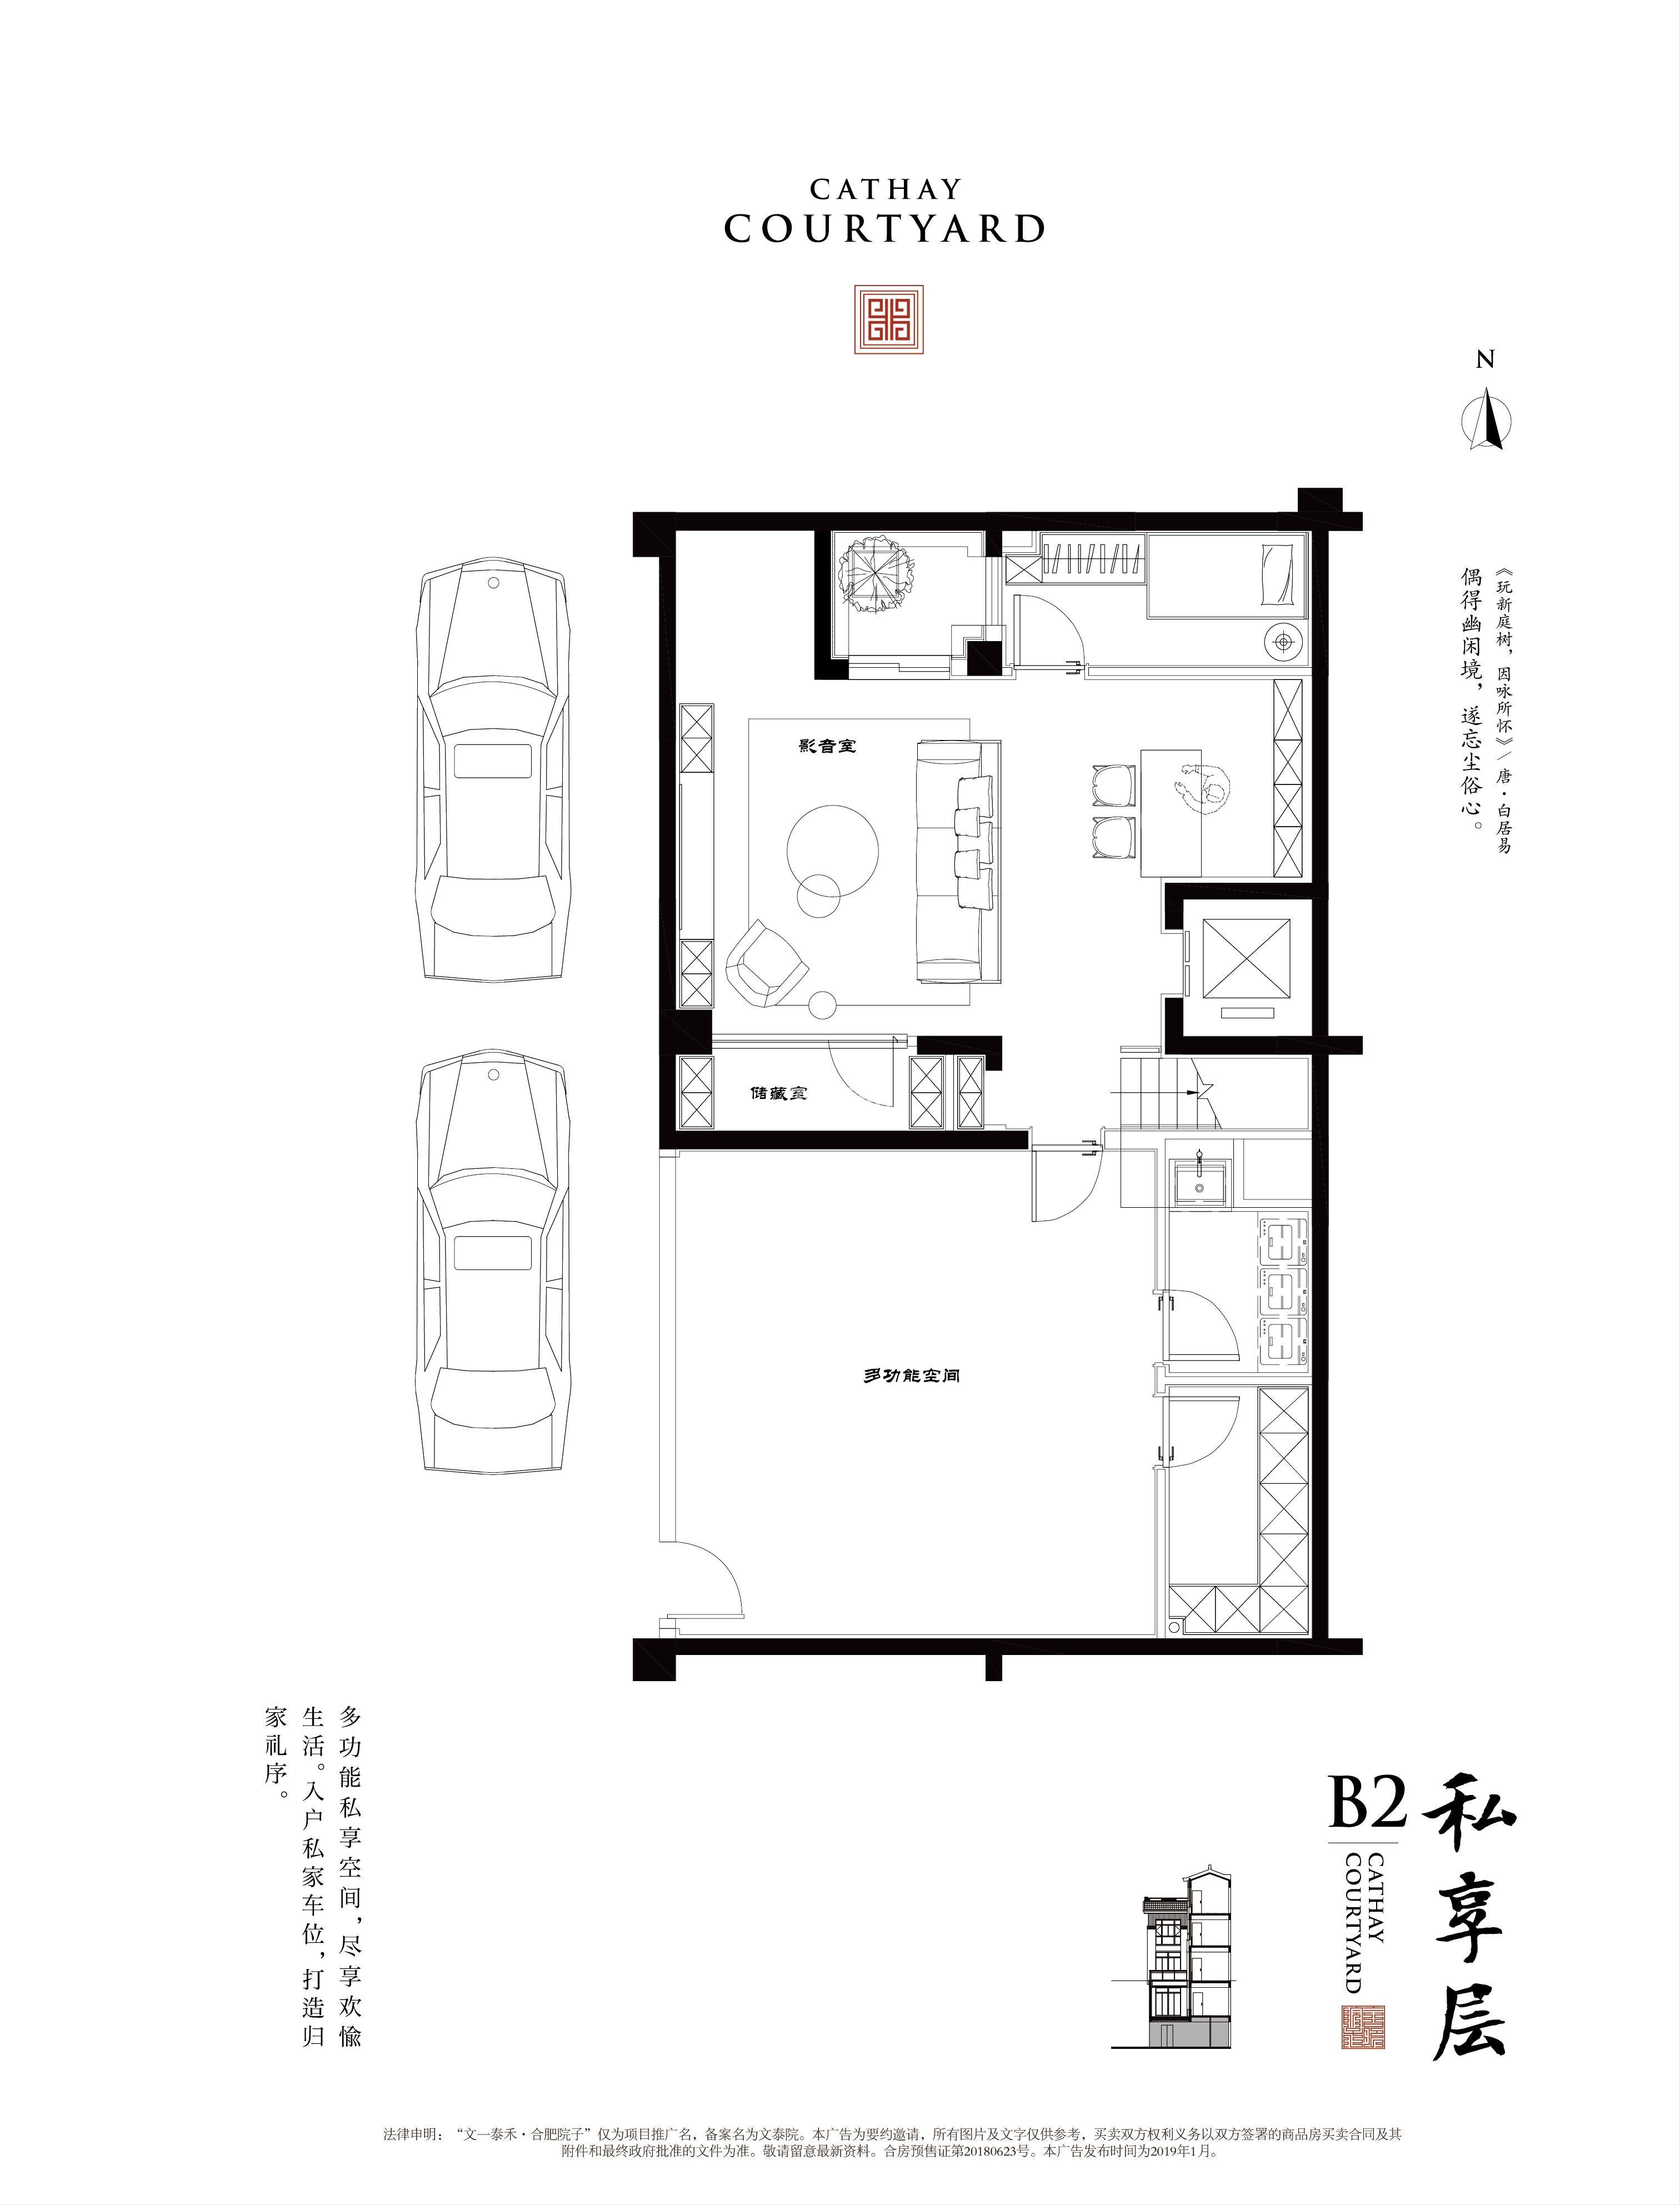 文一泰禾合肥院子别墅315-350㎡踏莎行B2私享层户型图